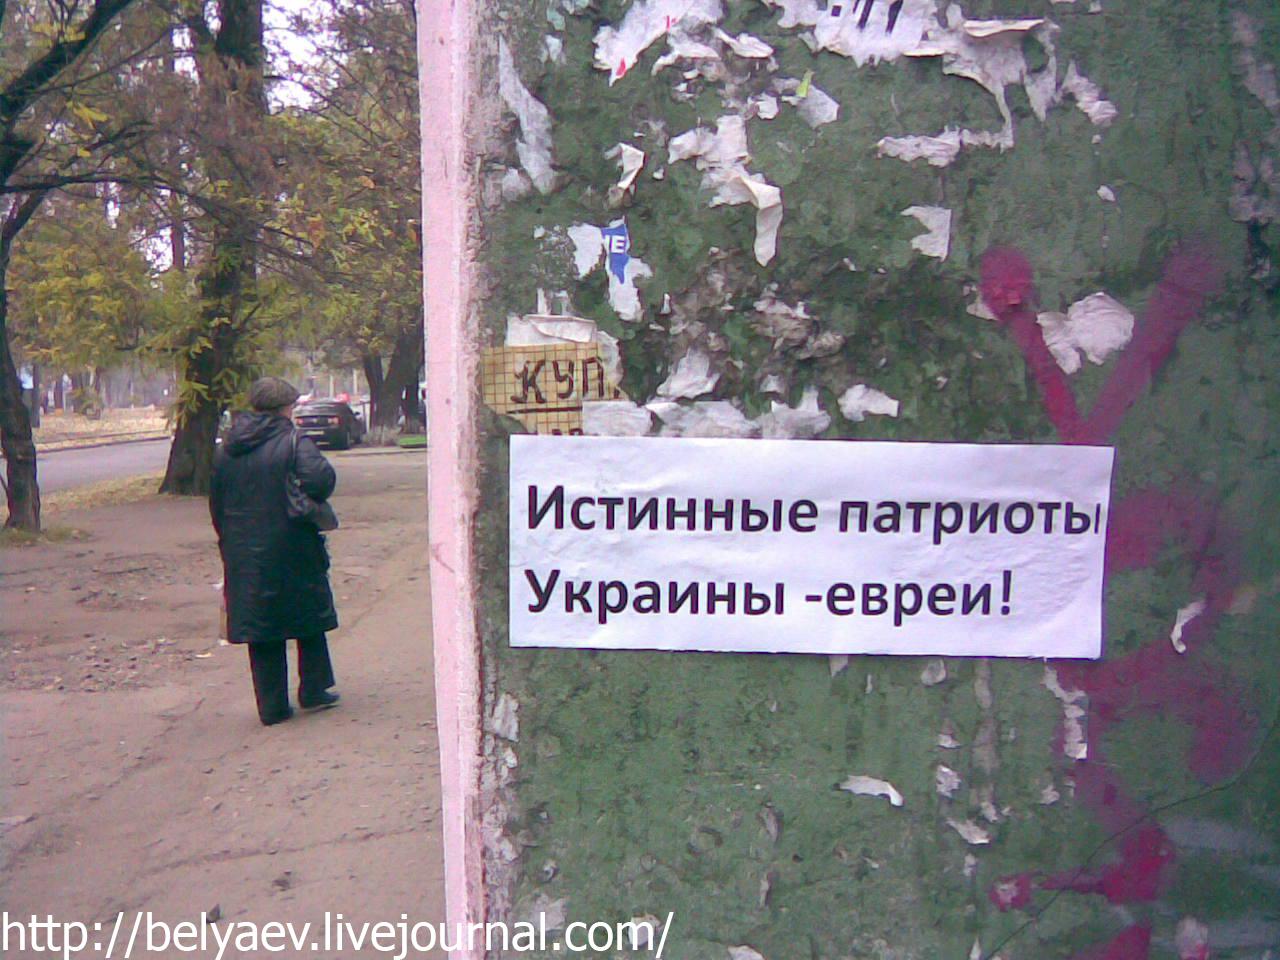 евреи патриоты украины